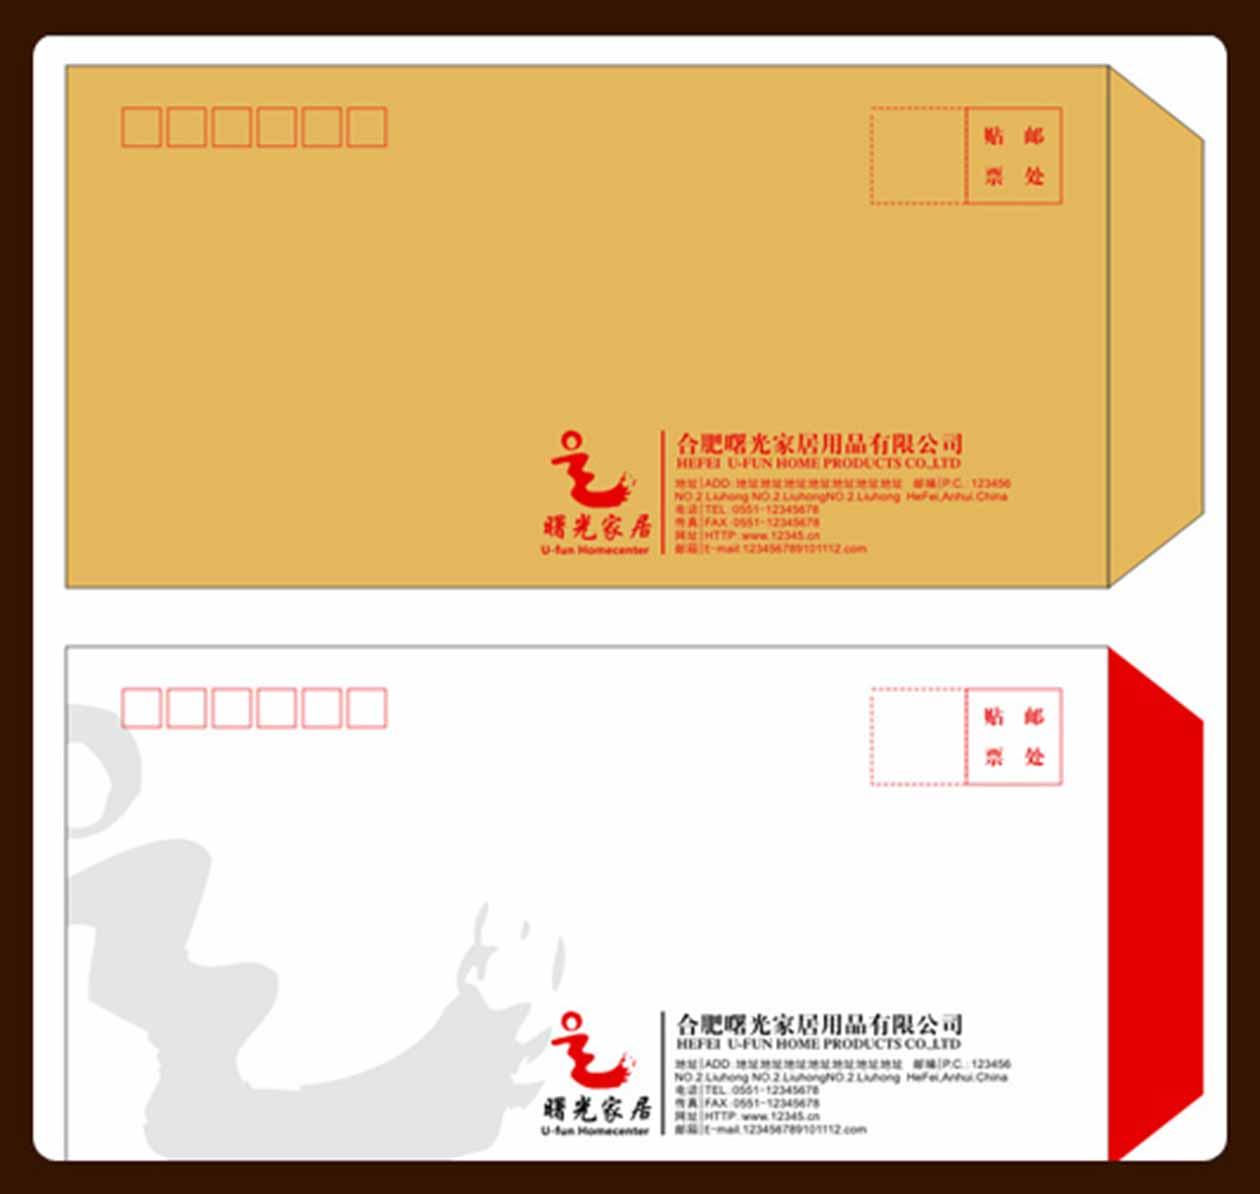 北京雷火平台信纸/信封